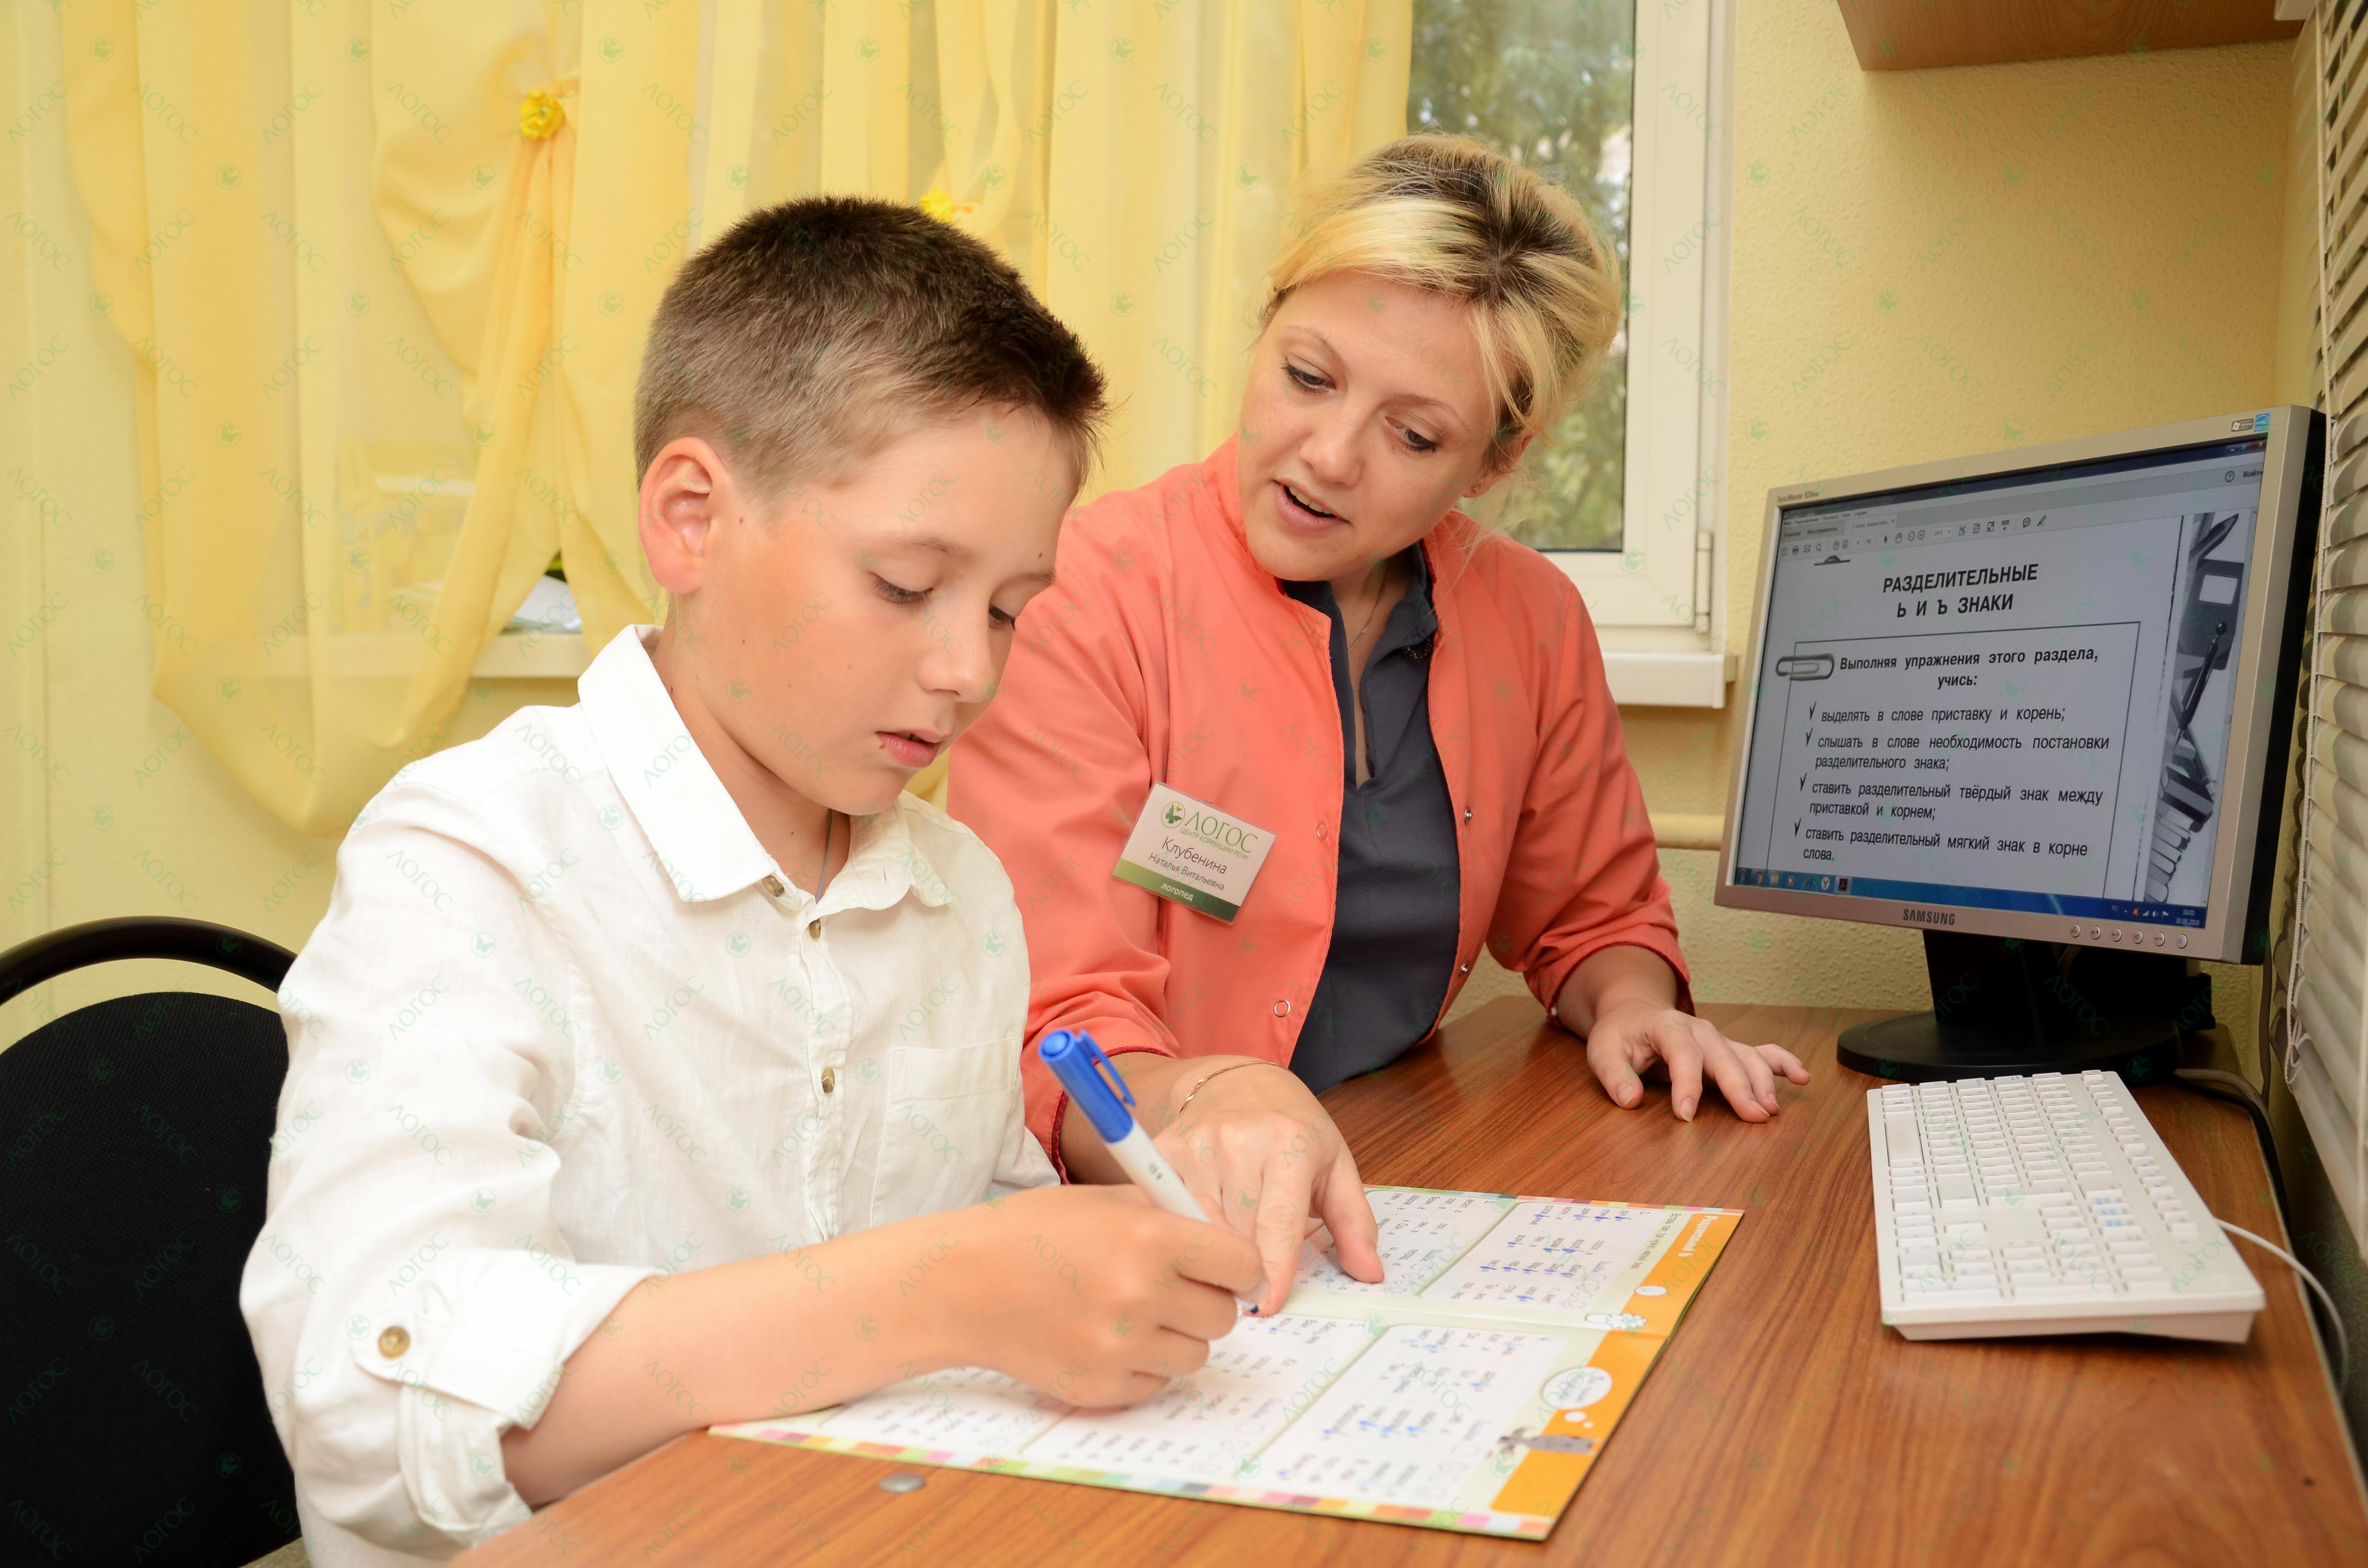 Устранение дисграфии, дислексии